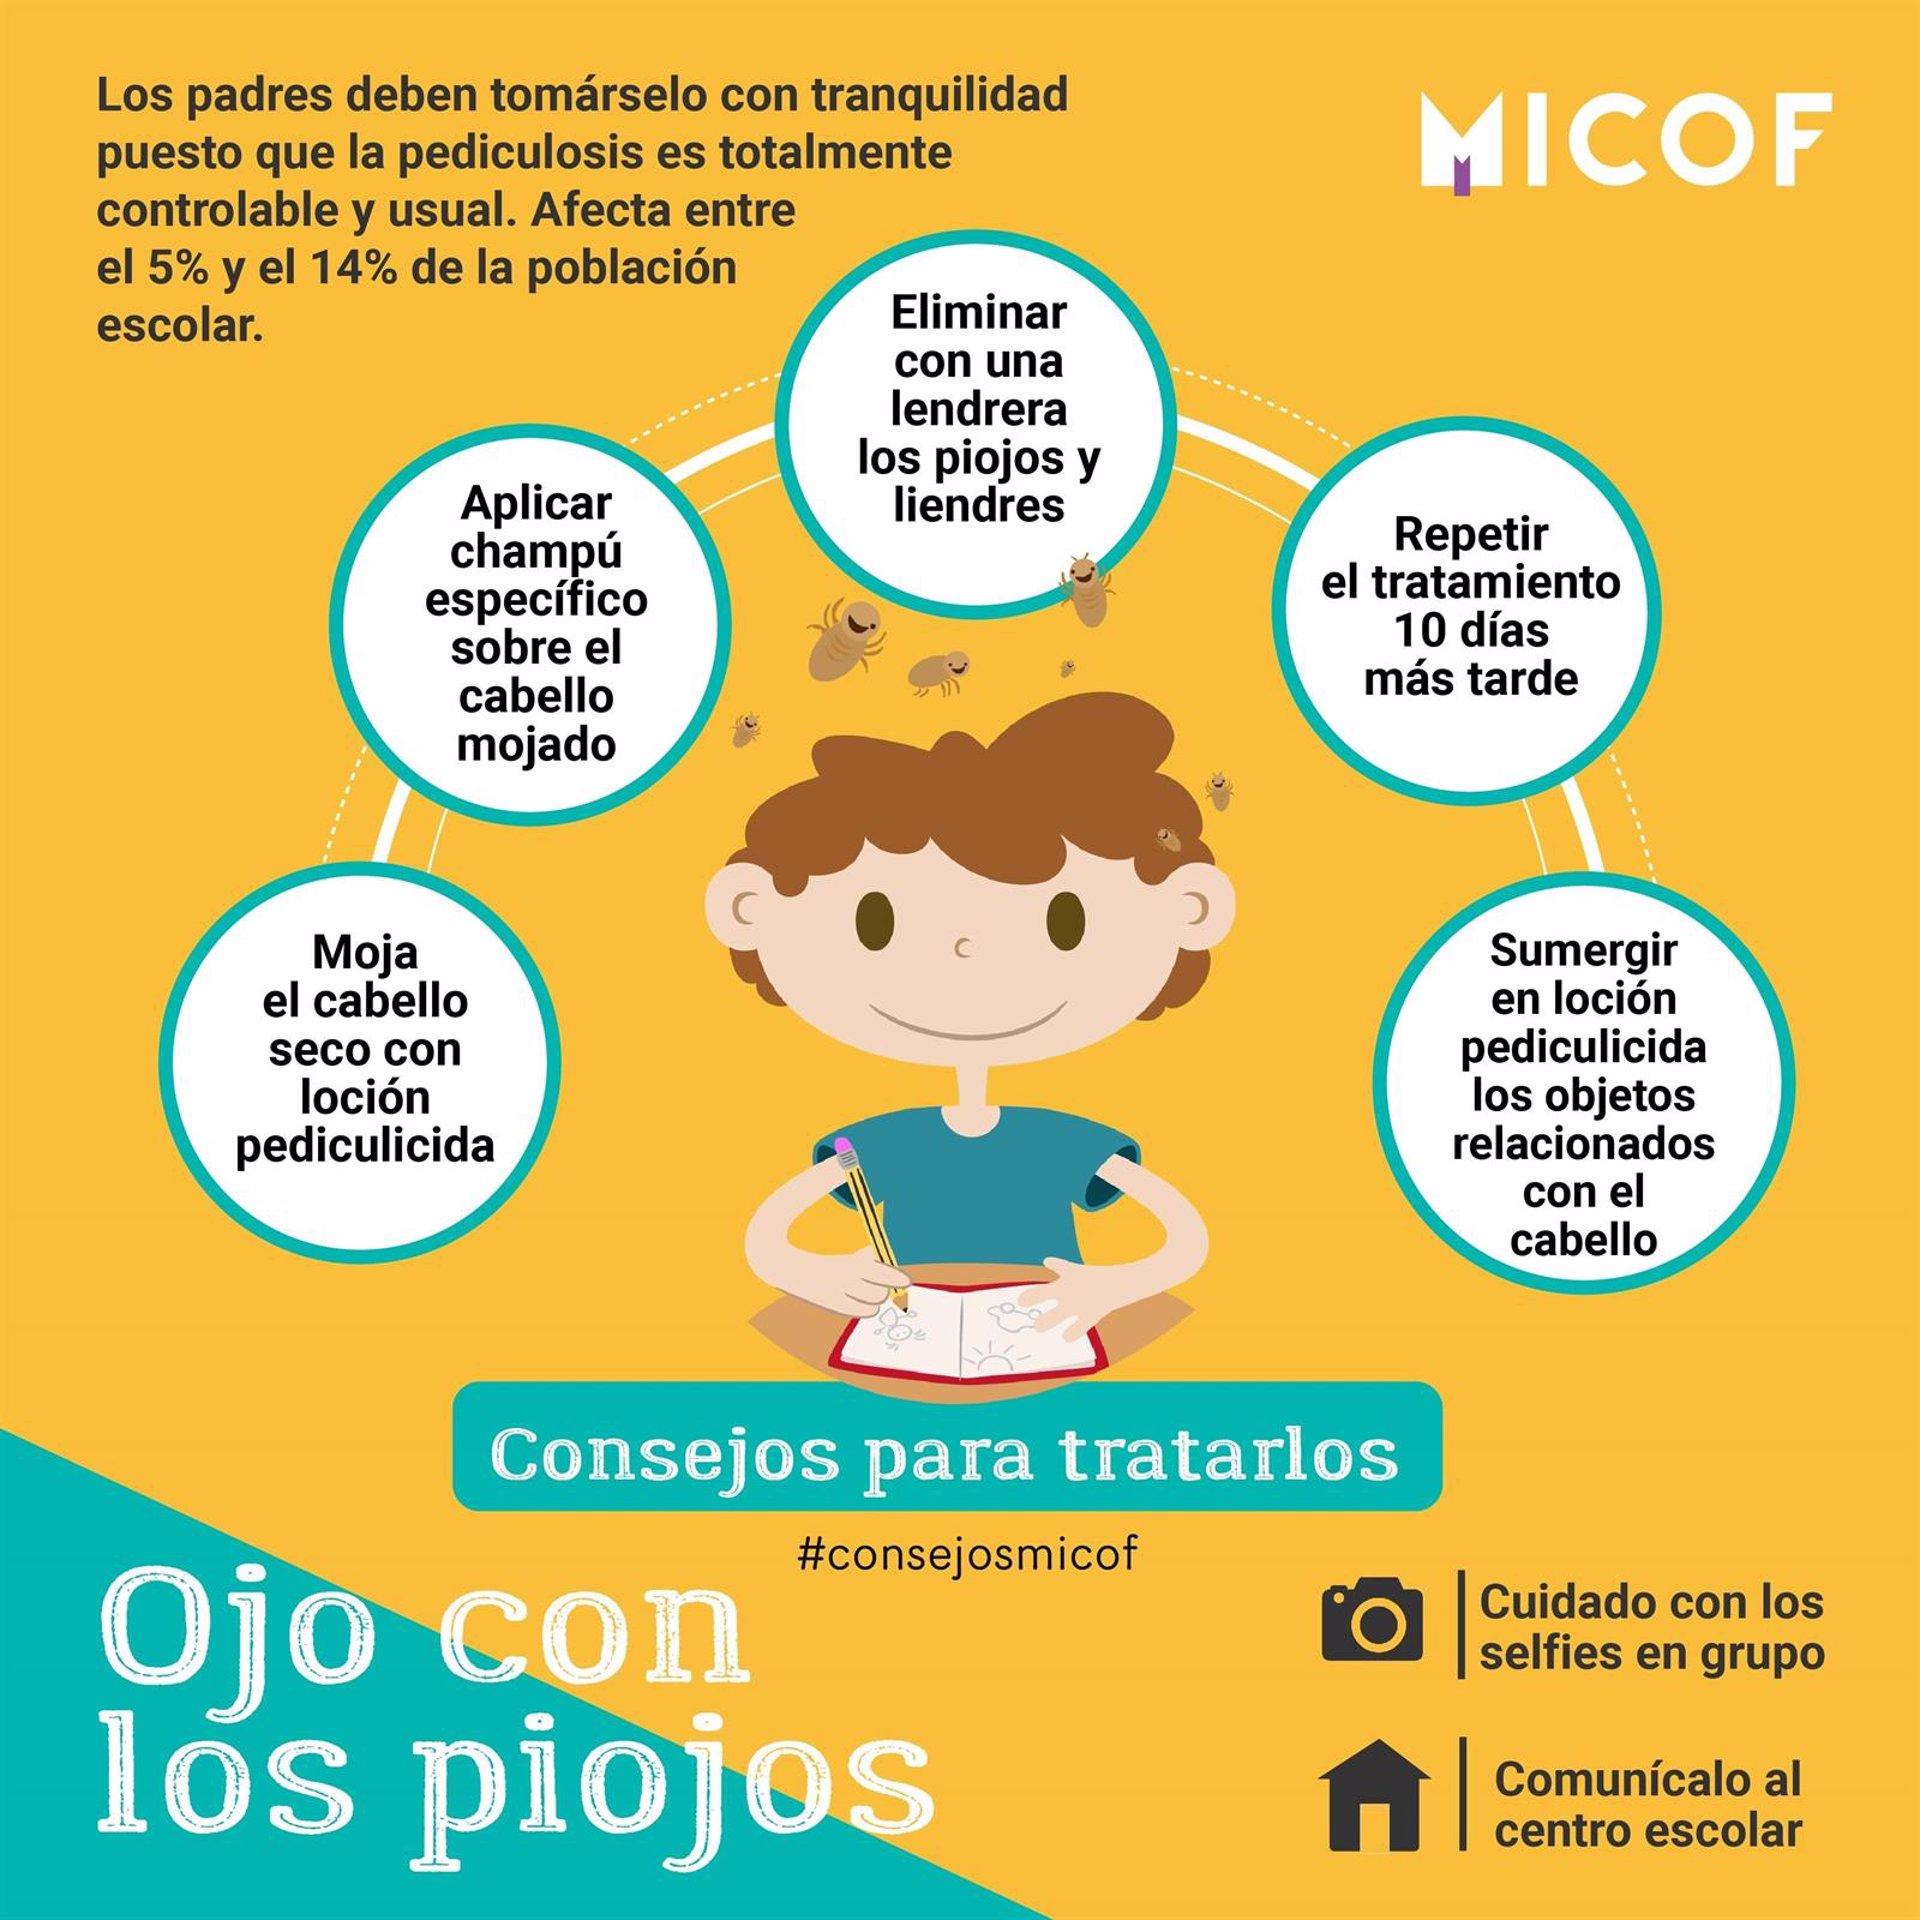 Los farmac uticos valencianos lanza la campa a ojo con for Piojos piscina